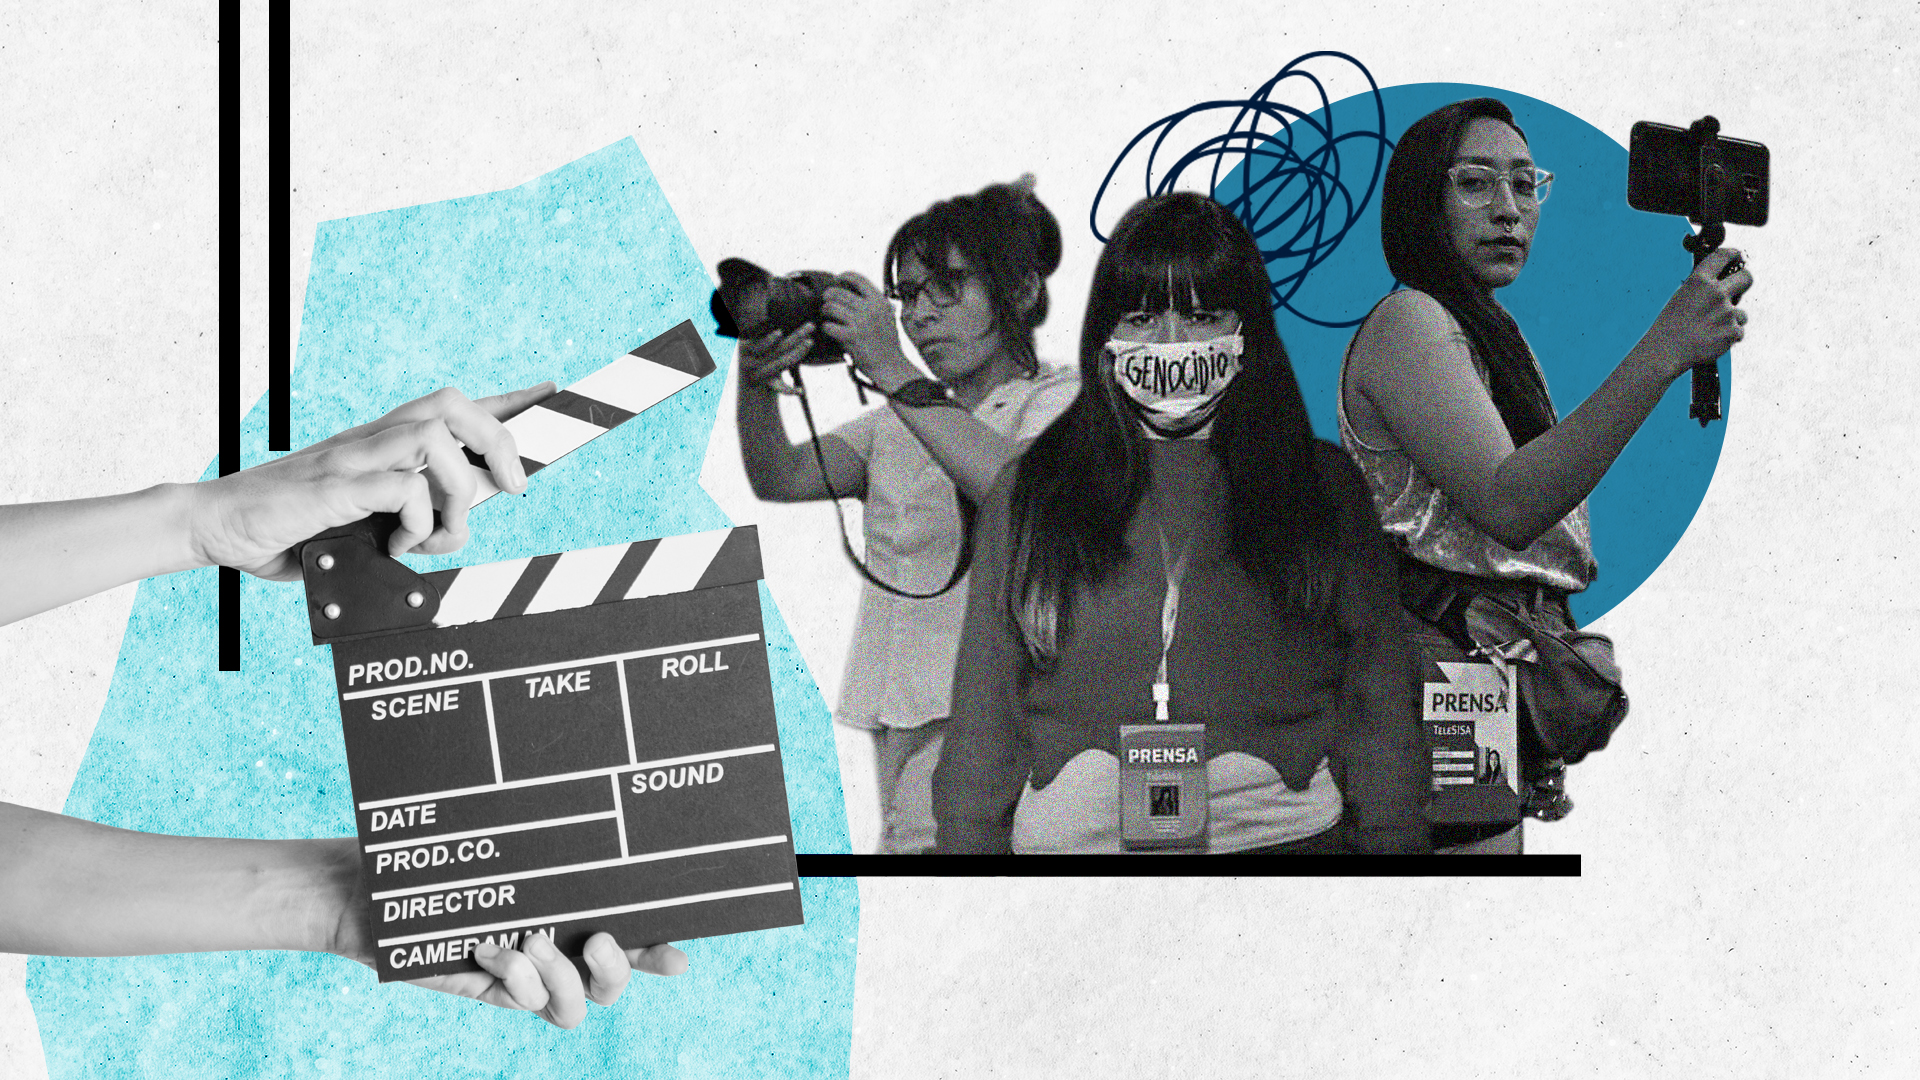 Mujeres indígenas que viven en la ciudad crearon un medio de comunicación para recuperar sus identidades